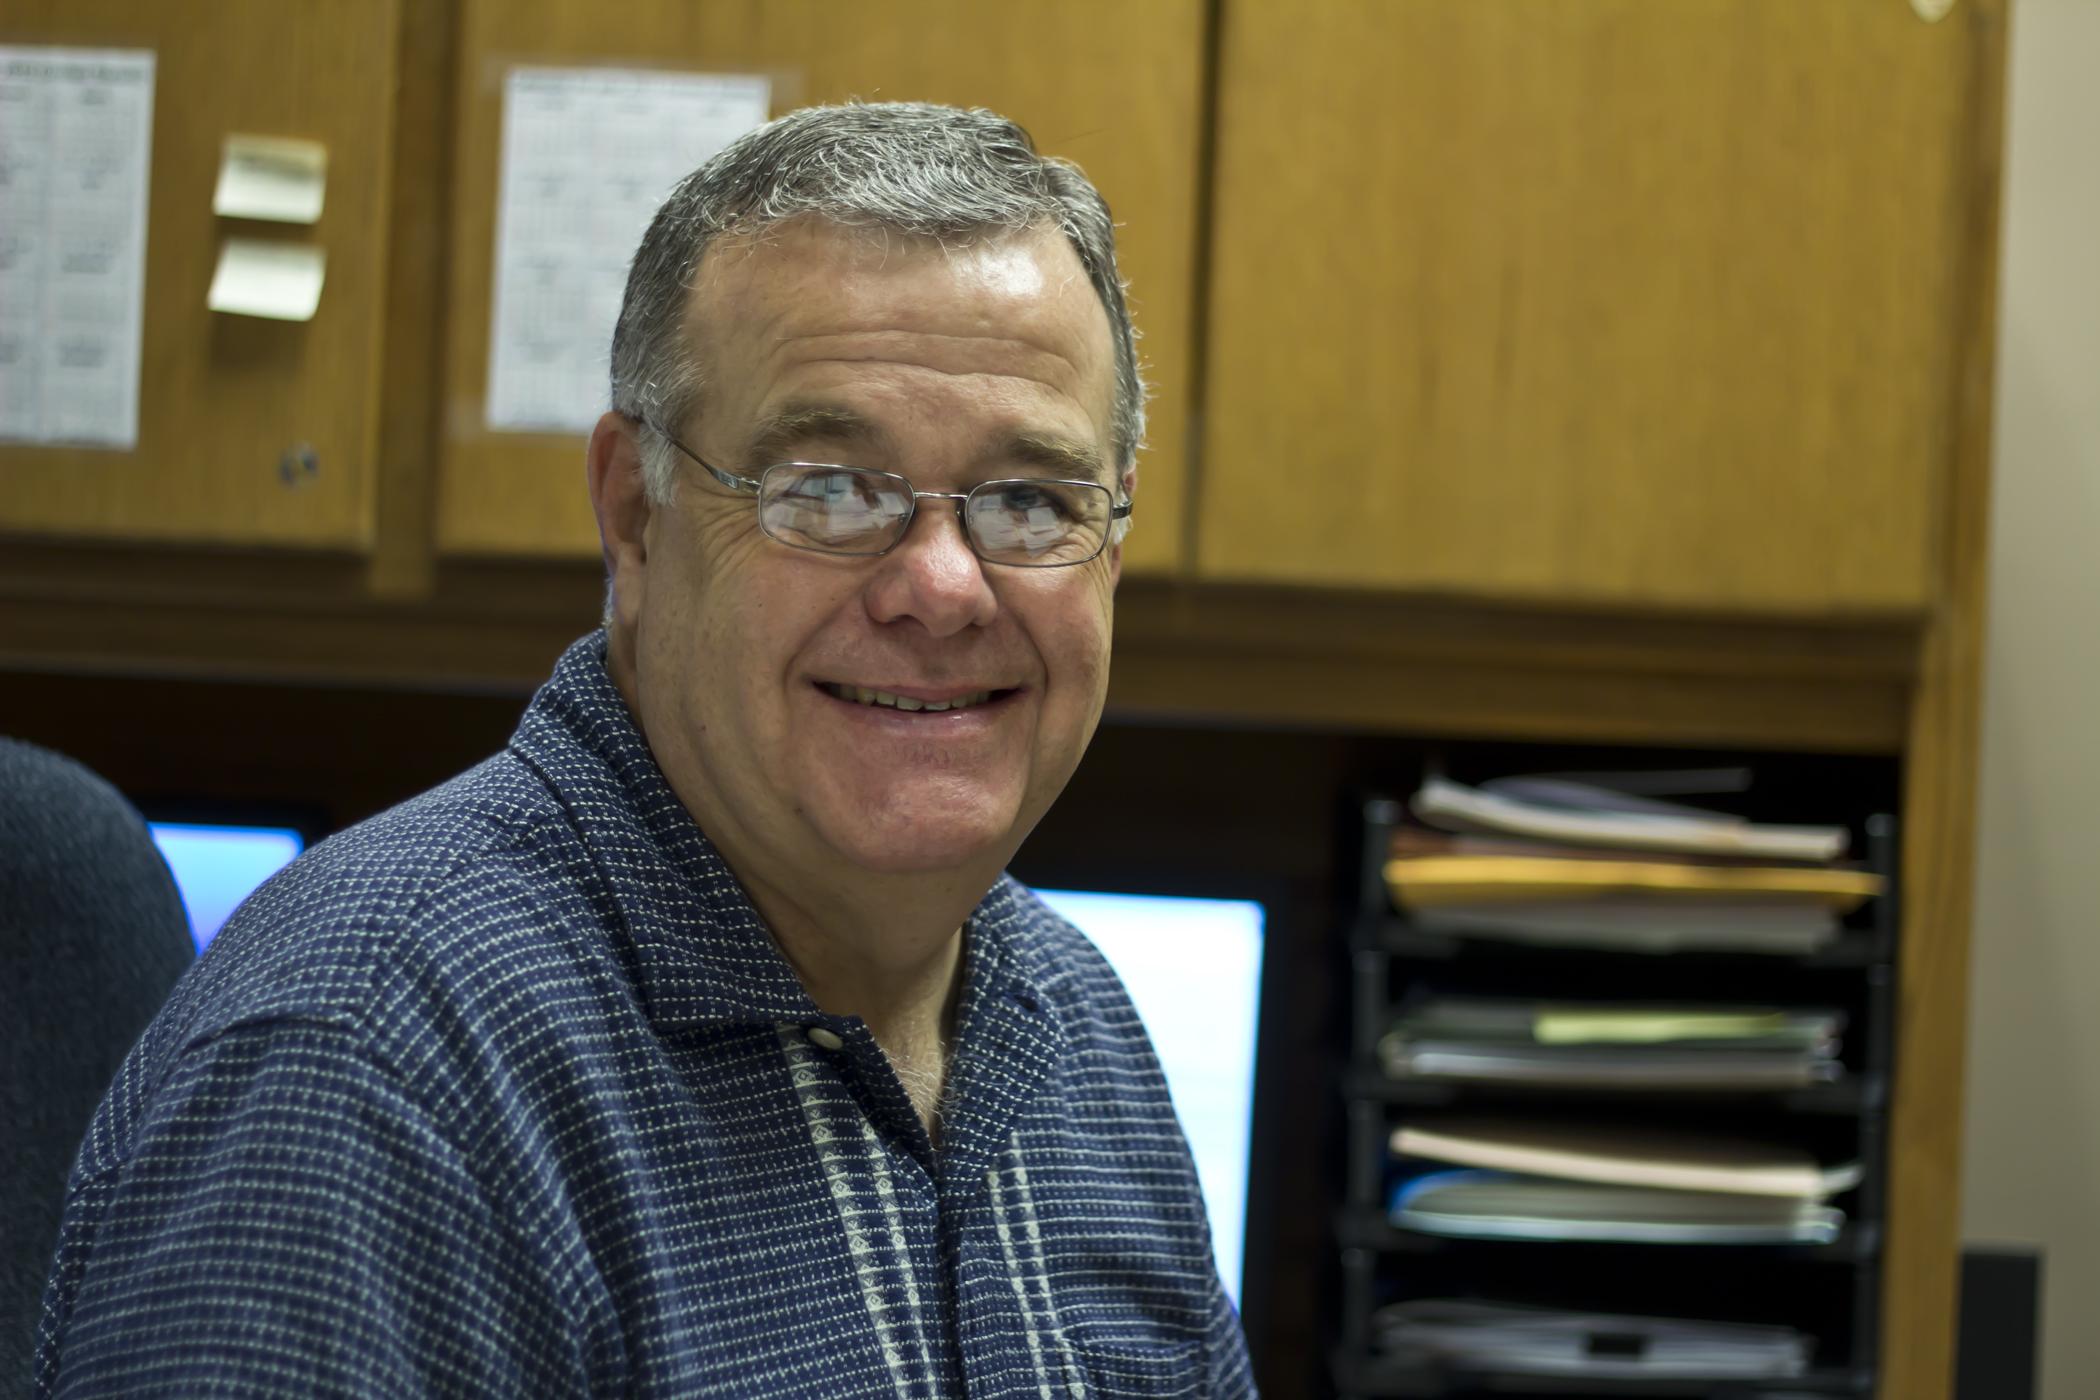 Lloyd Bell